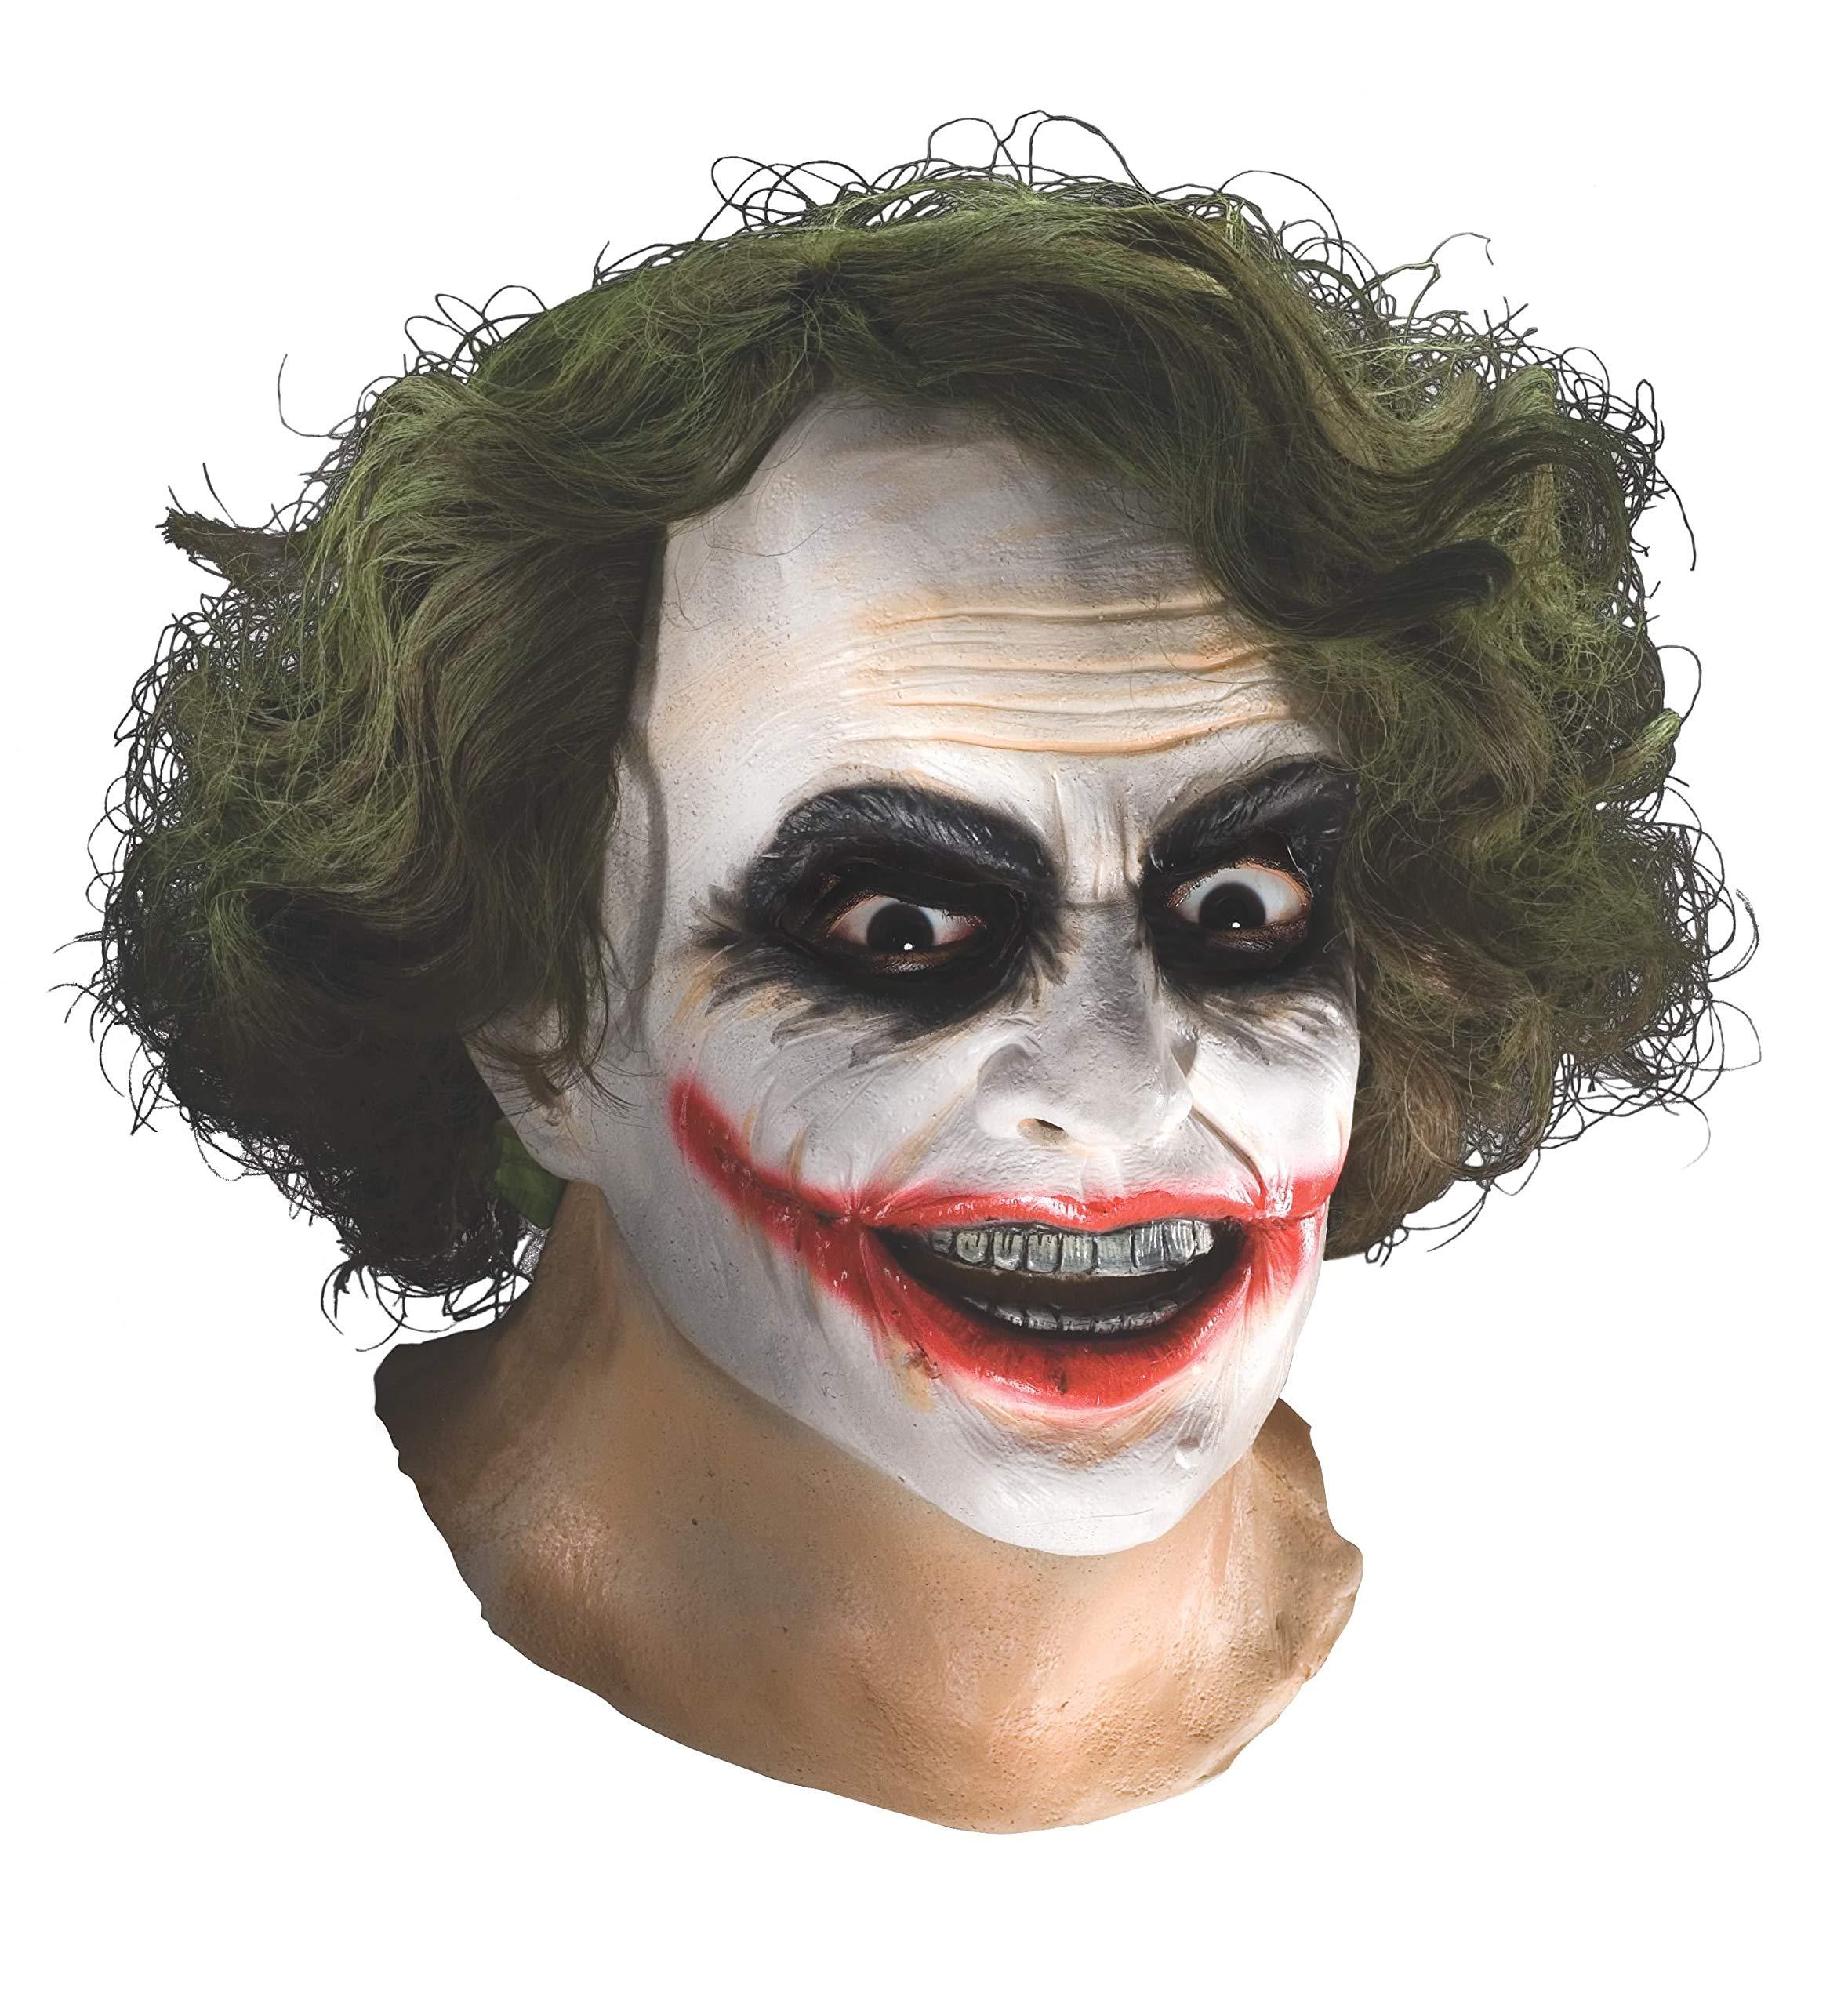 ویکالا · خرید  اصل اورجینال · خرید از آمازون · Batman The Dark Knight Adult Joker Latex Mask With Hair, Adult One Size wekala · ویکالا